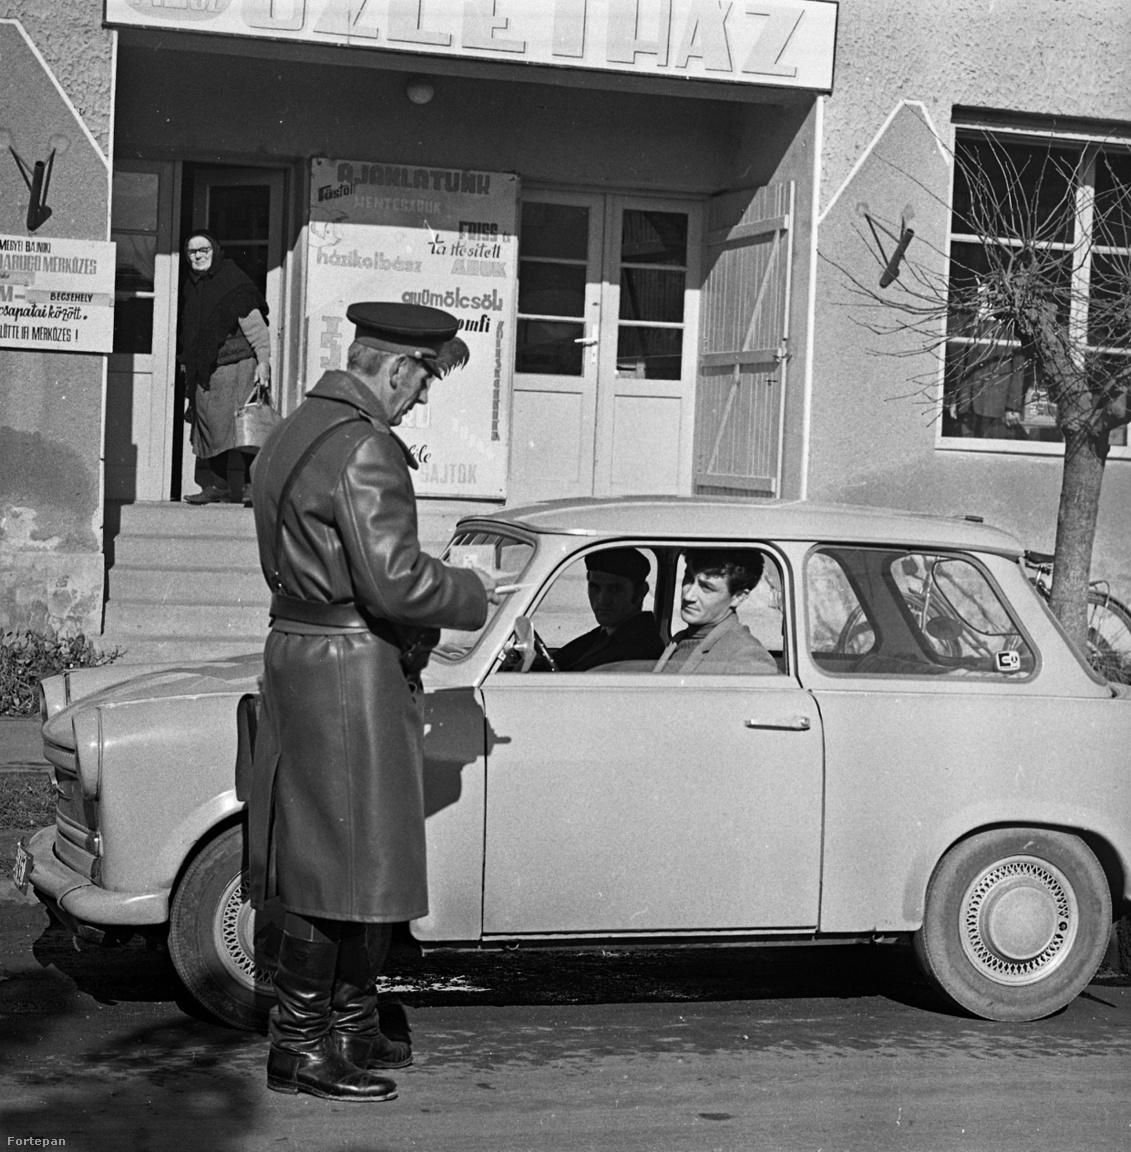 Adataink itt is vannak, több is, mint ami általában érkezik. A fotó a                         Magyar Rendőr folyóirat egy Zala-megyei riportjában jelent meg,                         1972-ben. A baloldali plakáton egyértelműen látható, hogy a település                         nevének utolsó betűje M és a falu Becsehely focicsapatával játszhatott                         a kérdéses hétvégén. Segítsenek!